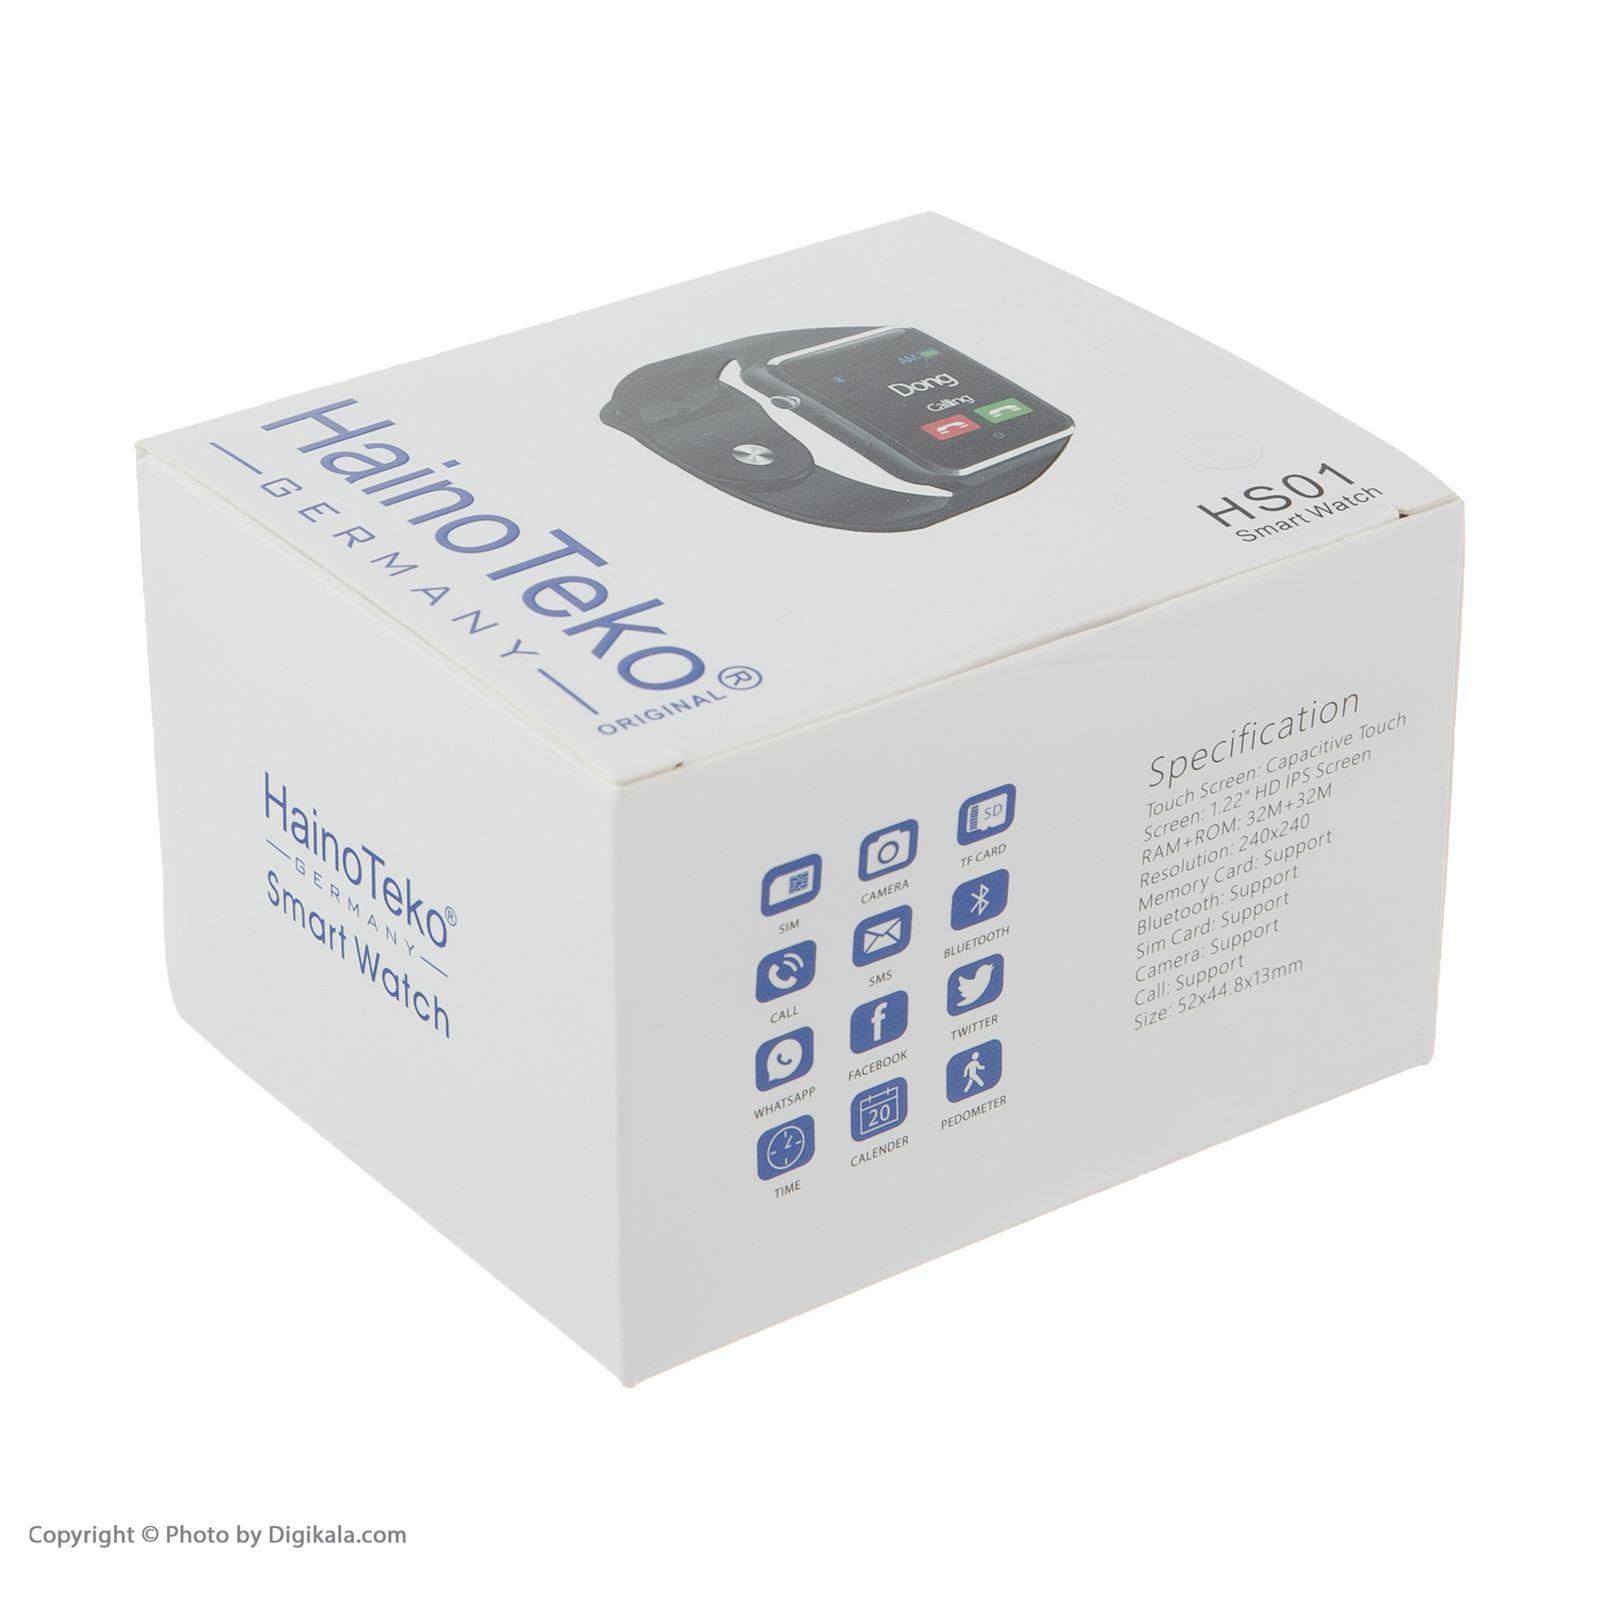 ساعت هوشمند هاینو تکو مدل HS01 -  - 6